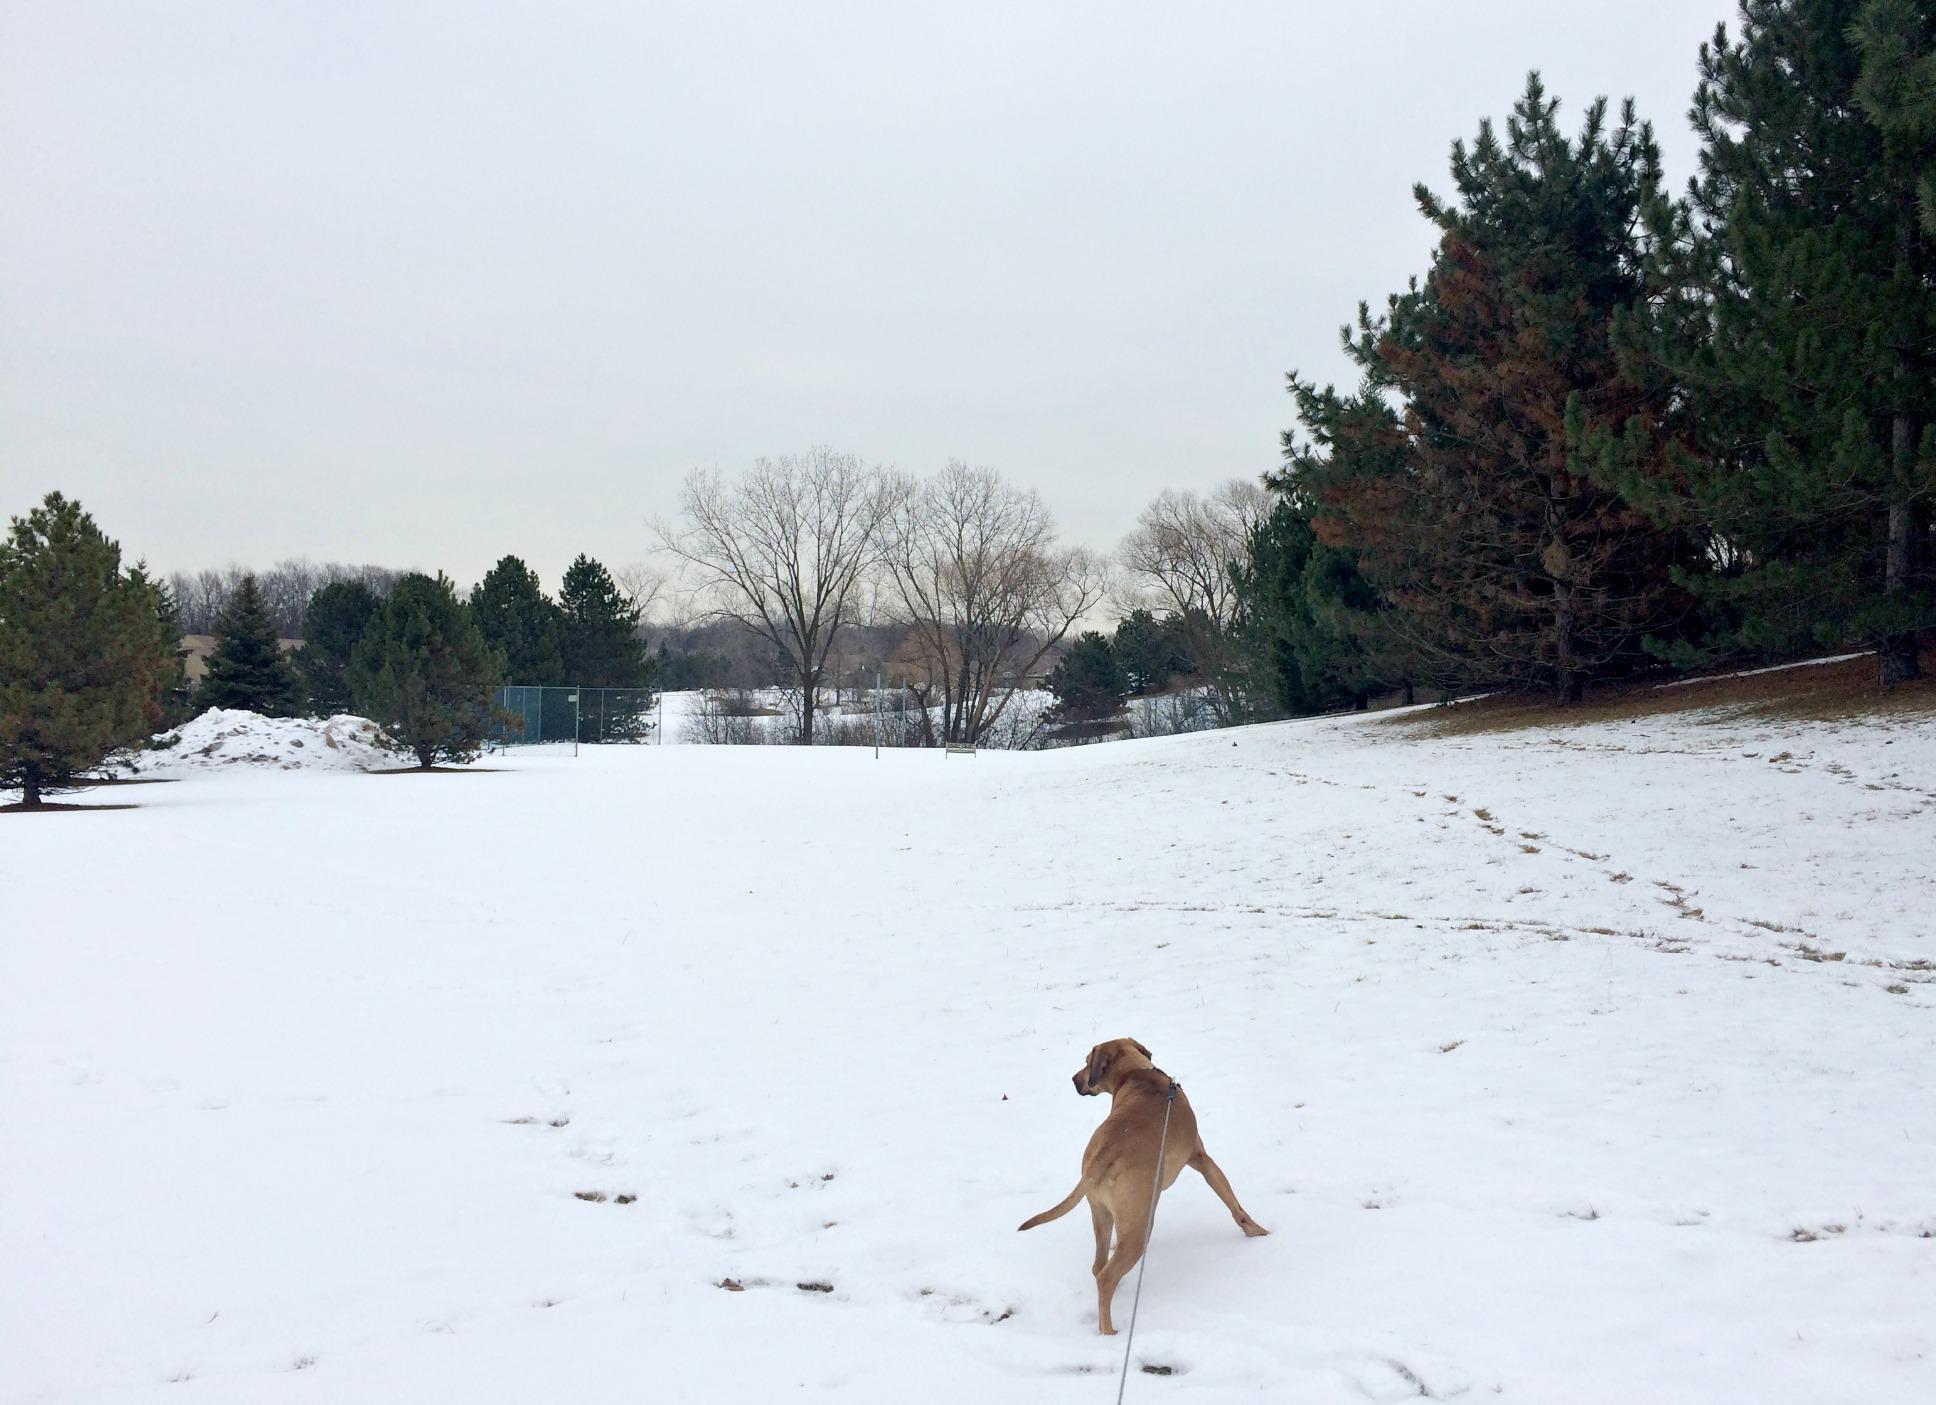 Roadie walking in the snow